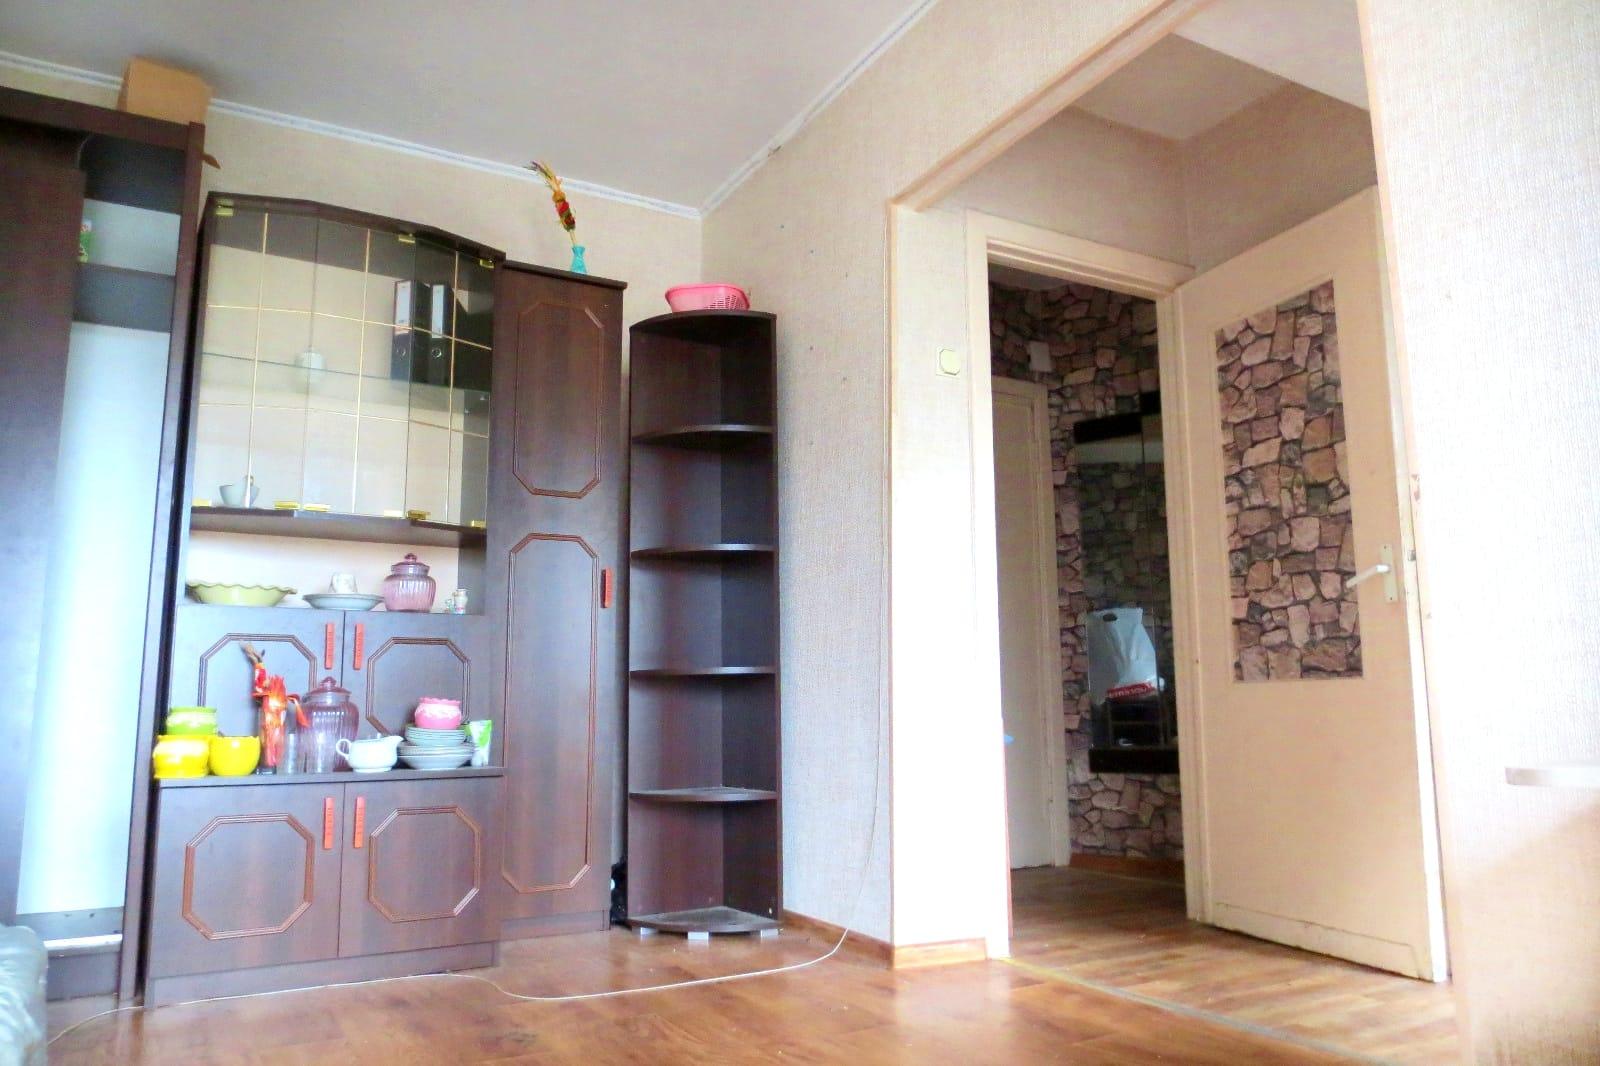 Pārdod dzīvokli, Raunas iela 39 - Attēls 1